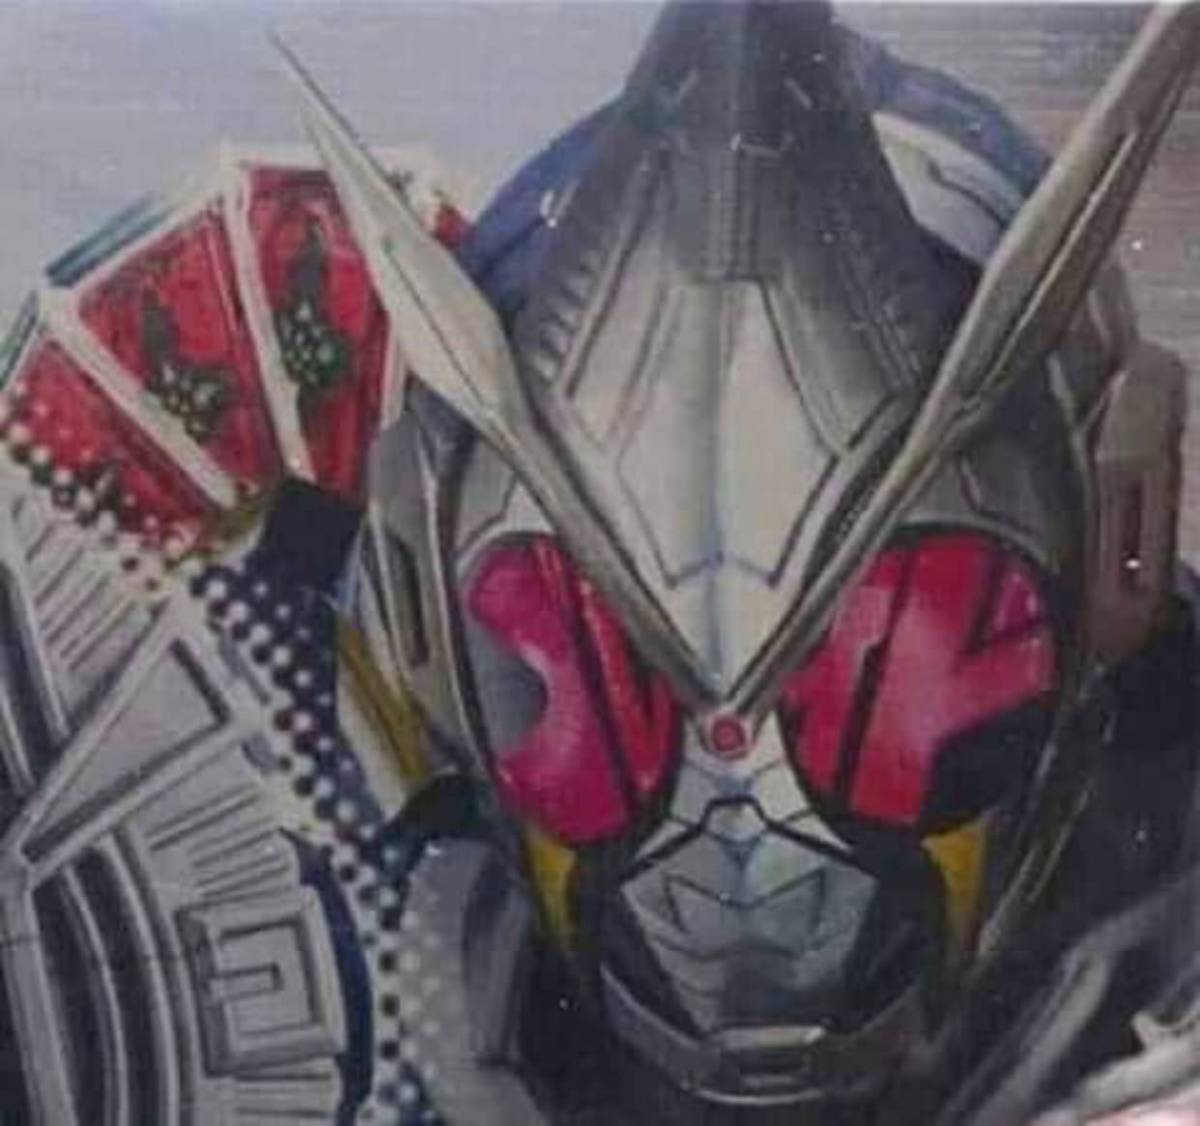 【ネタバレ】ジオウ ブレイドアーマー 頭部画像 肩の造形は展開したブレイラウザーになっている模様